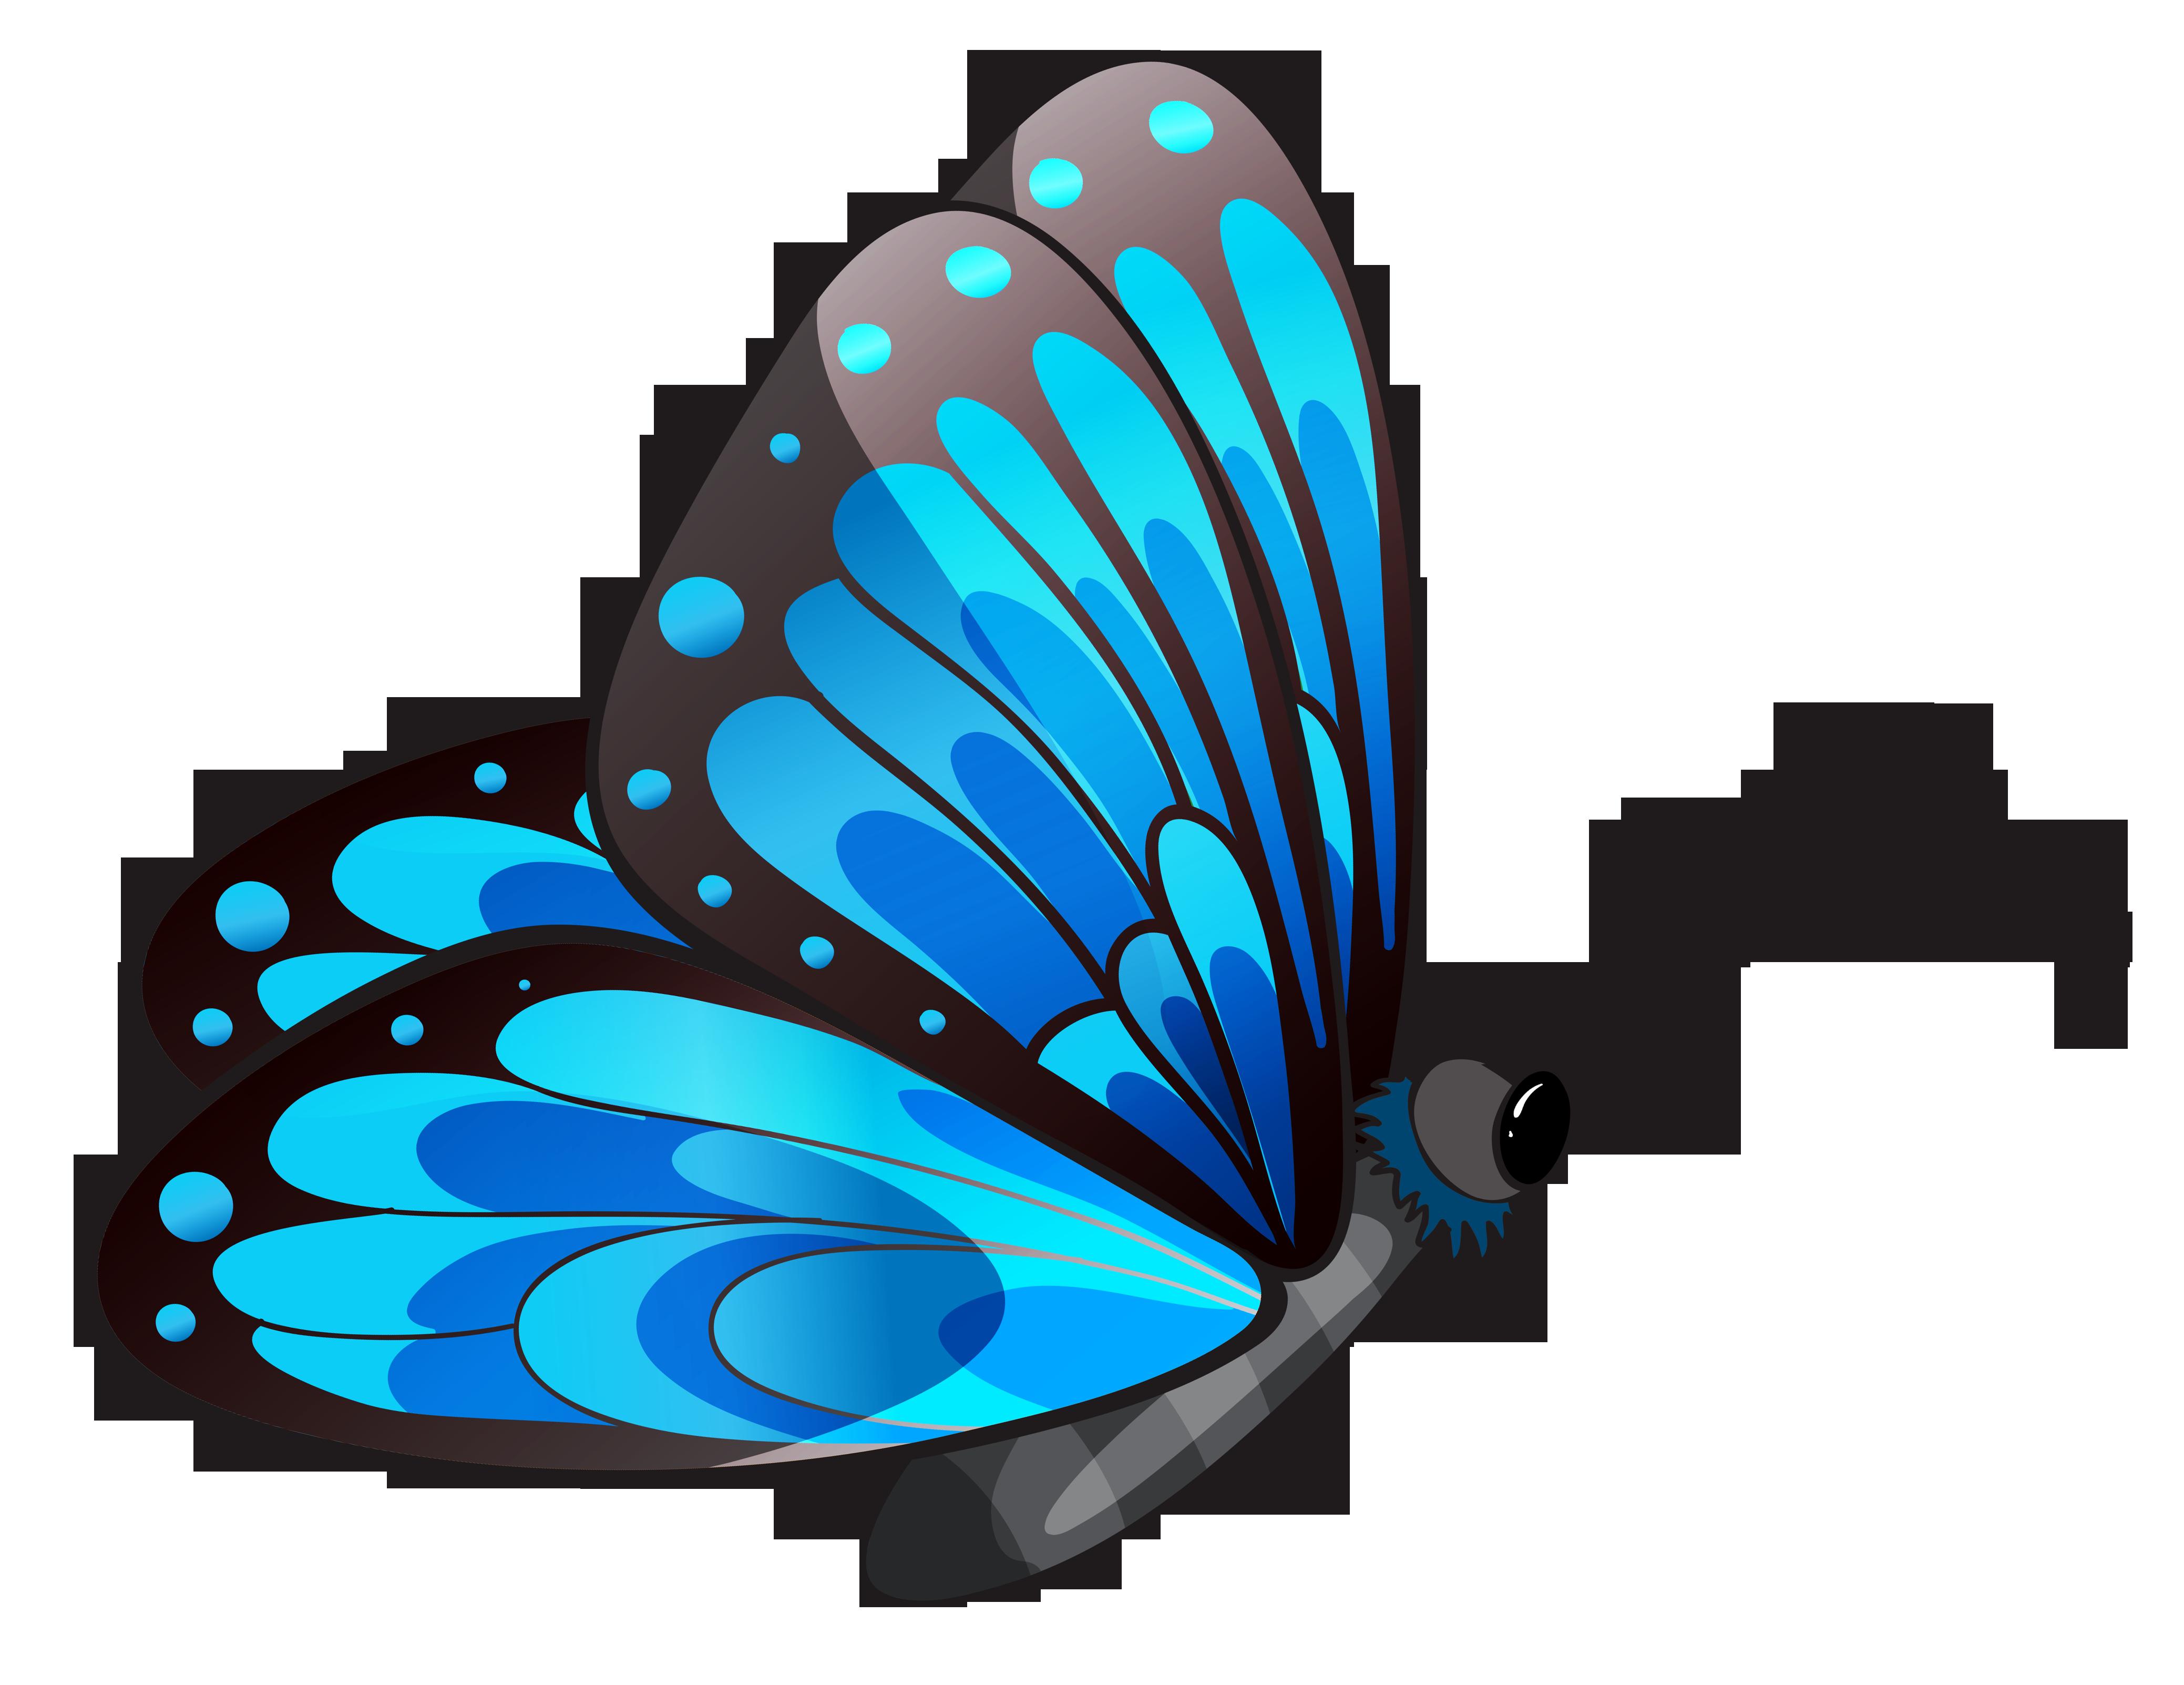 butterflies clipart 1. butterflies clipart. butterflies clipart. b5ebadb7b4a0e8eea0354286ad8e56 .